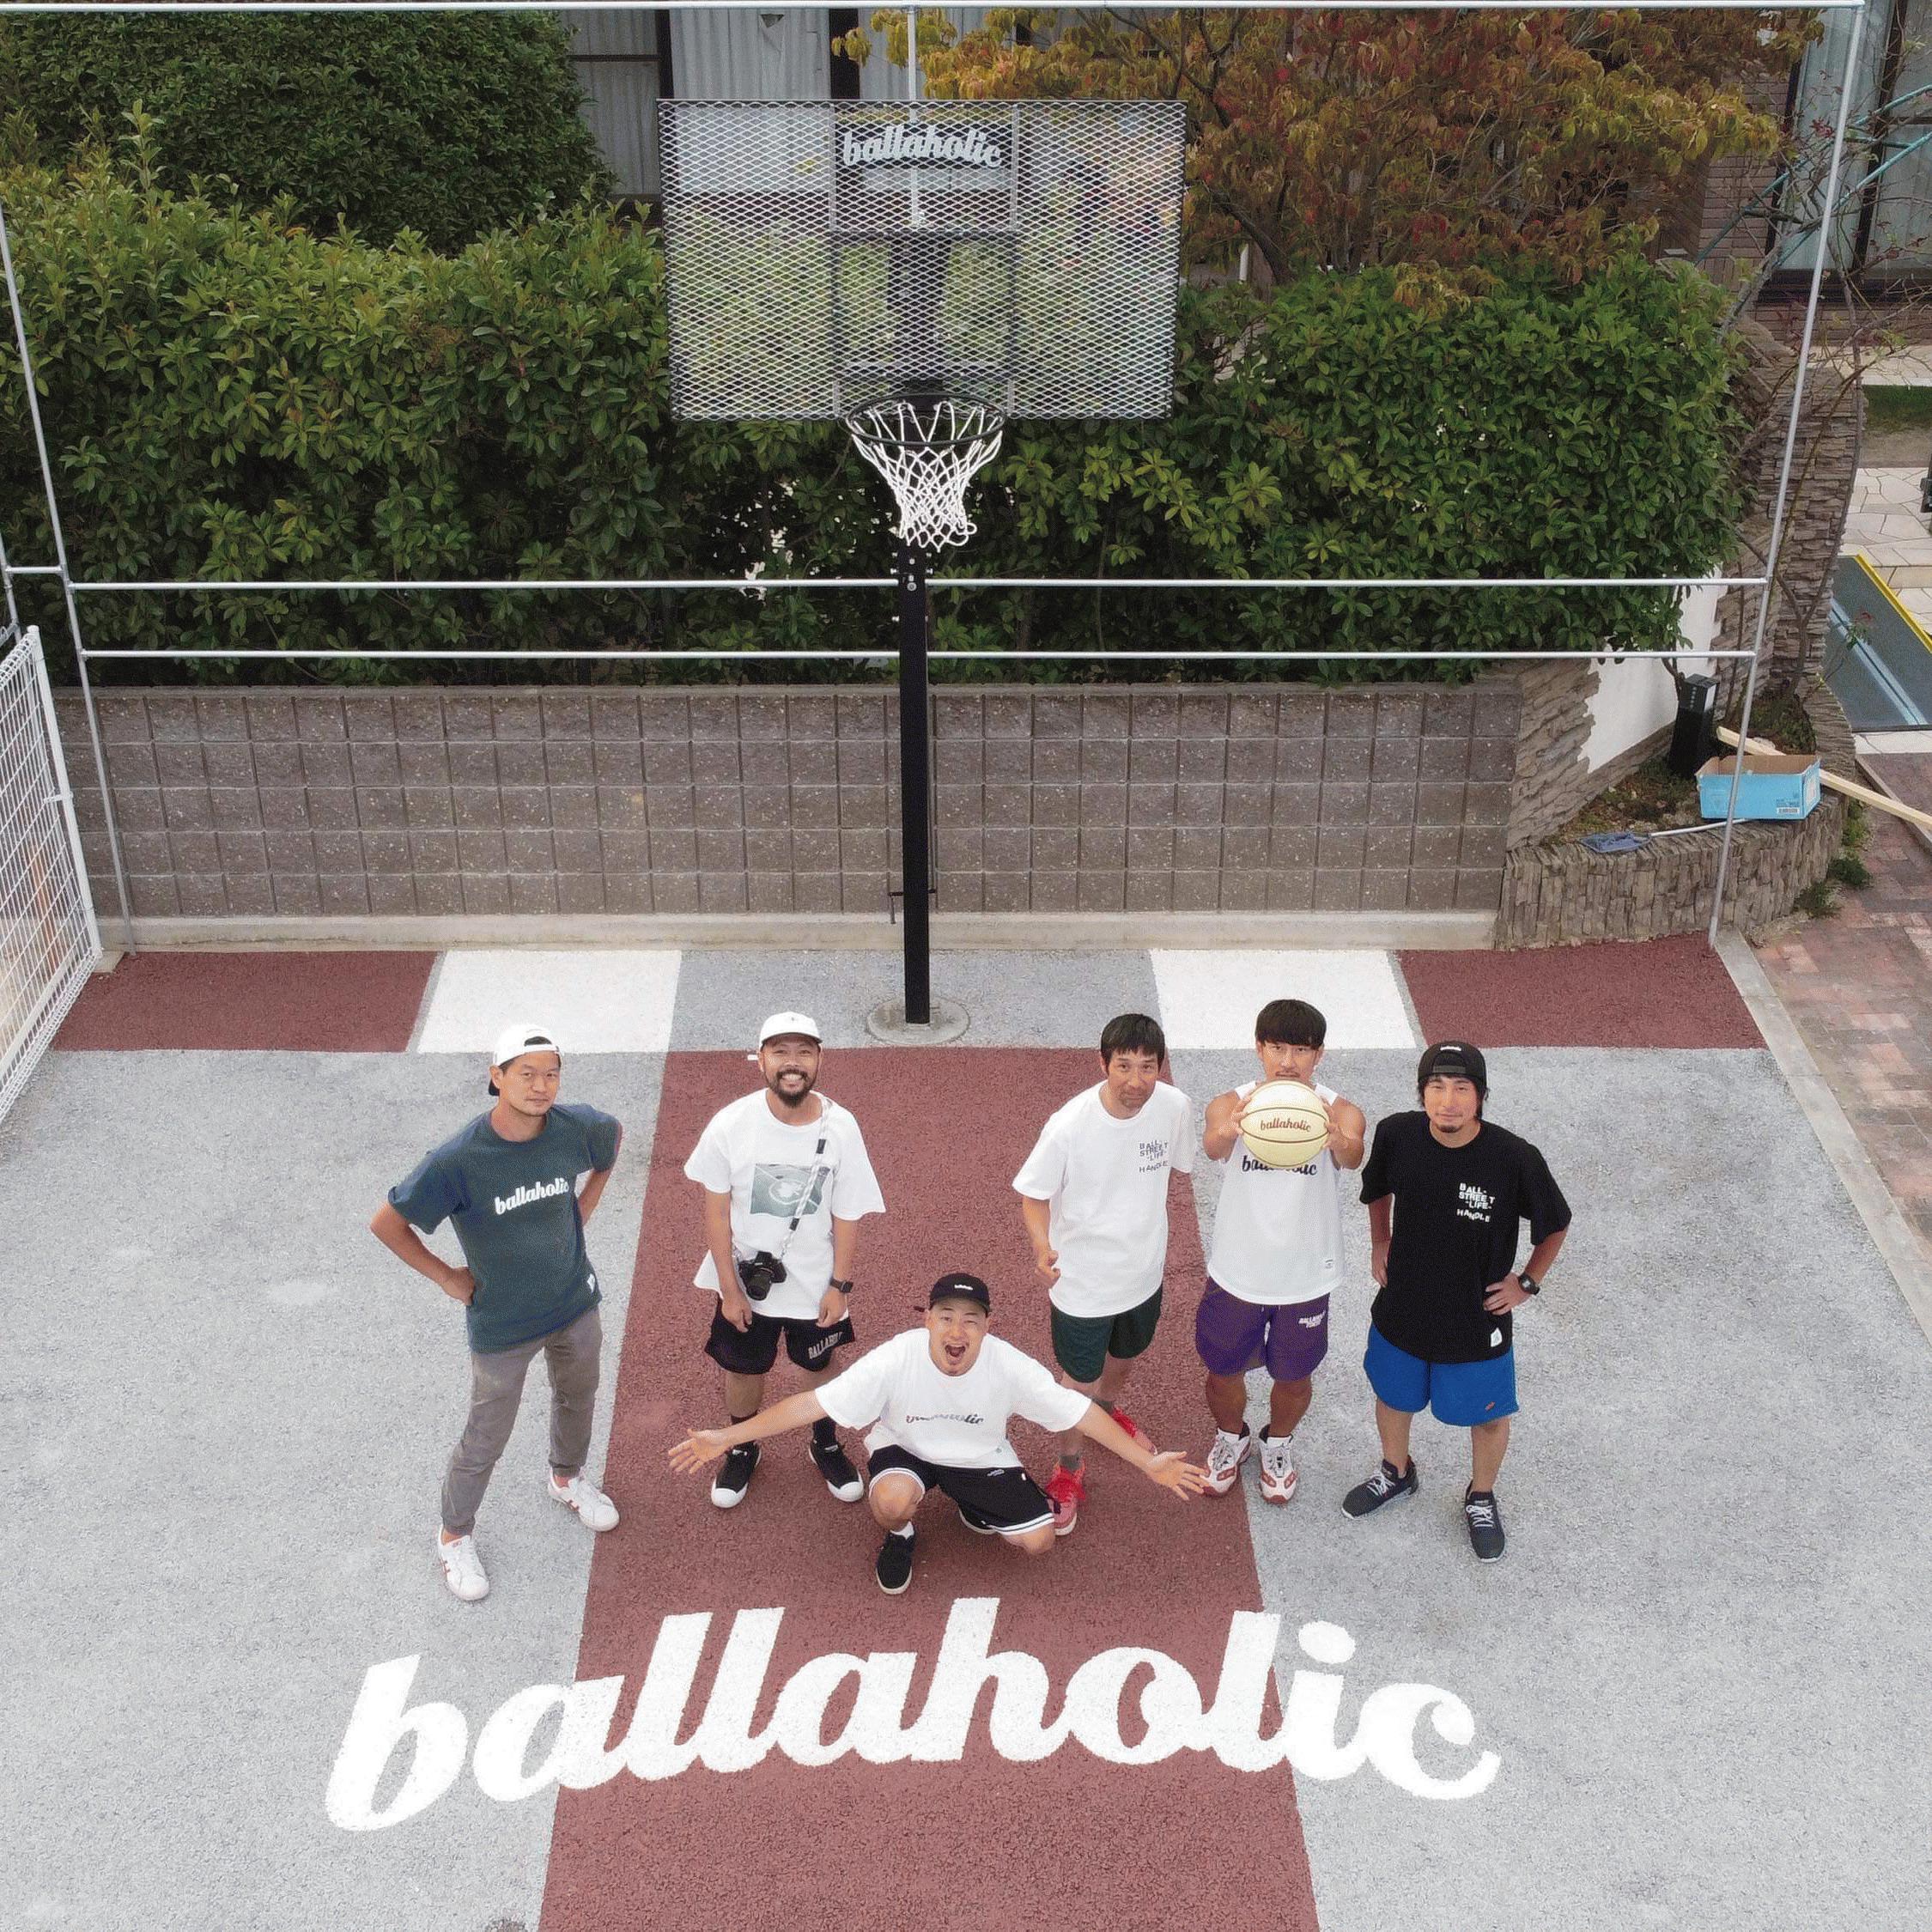 「いよいよモニター販売開始!《ballaholic》のバスケットコート完成!」